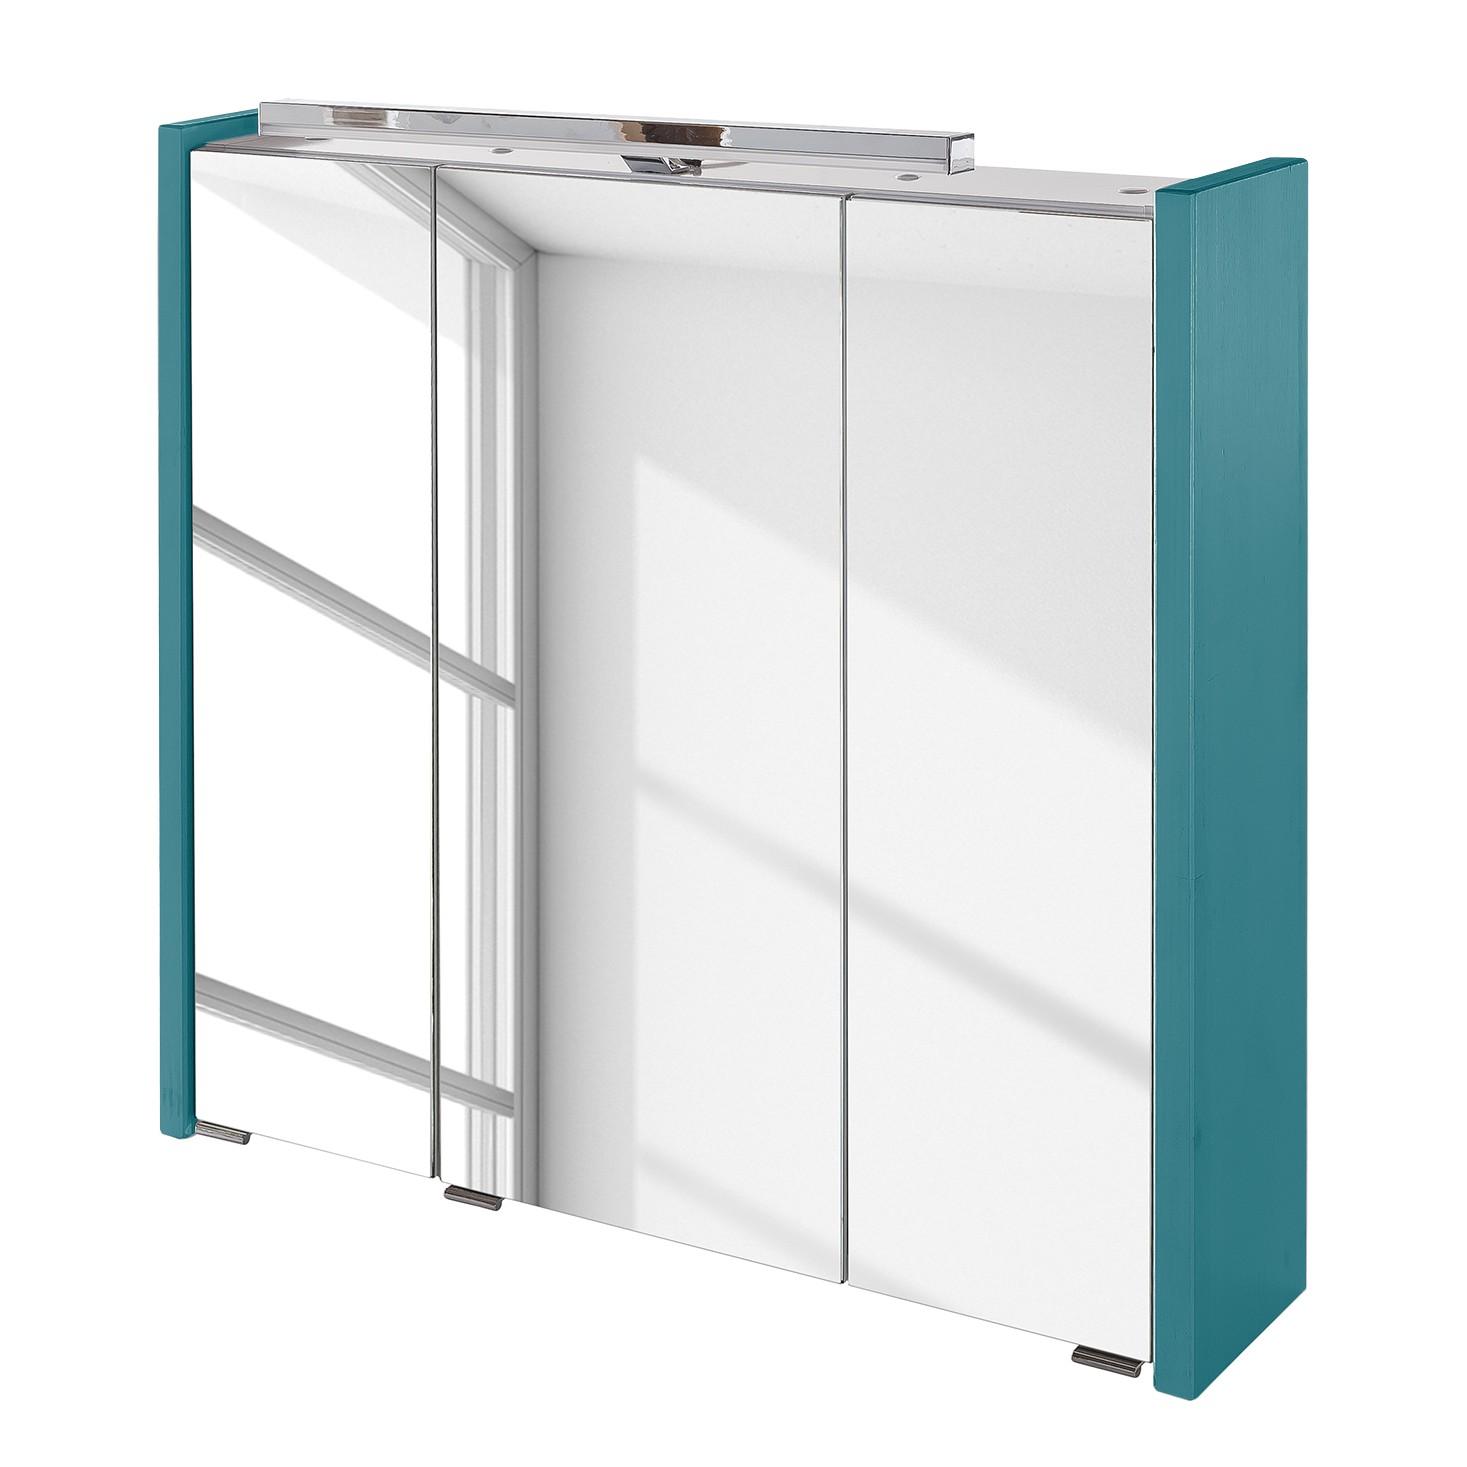 energia A+, Armadietto a specchio Paulina (illuminazione inclusa) - Bianco - 75 cm, Schildmeyer